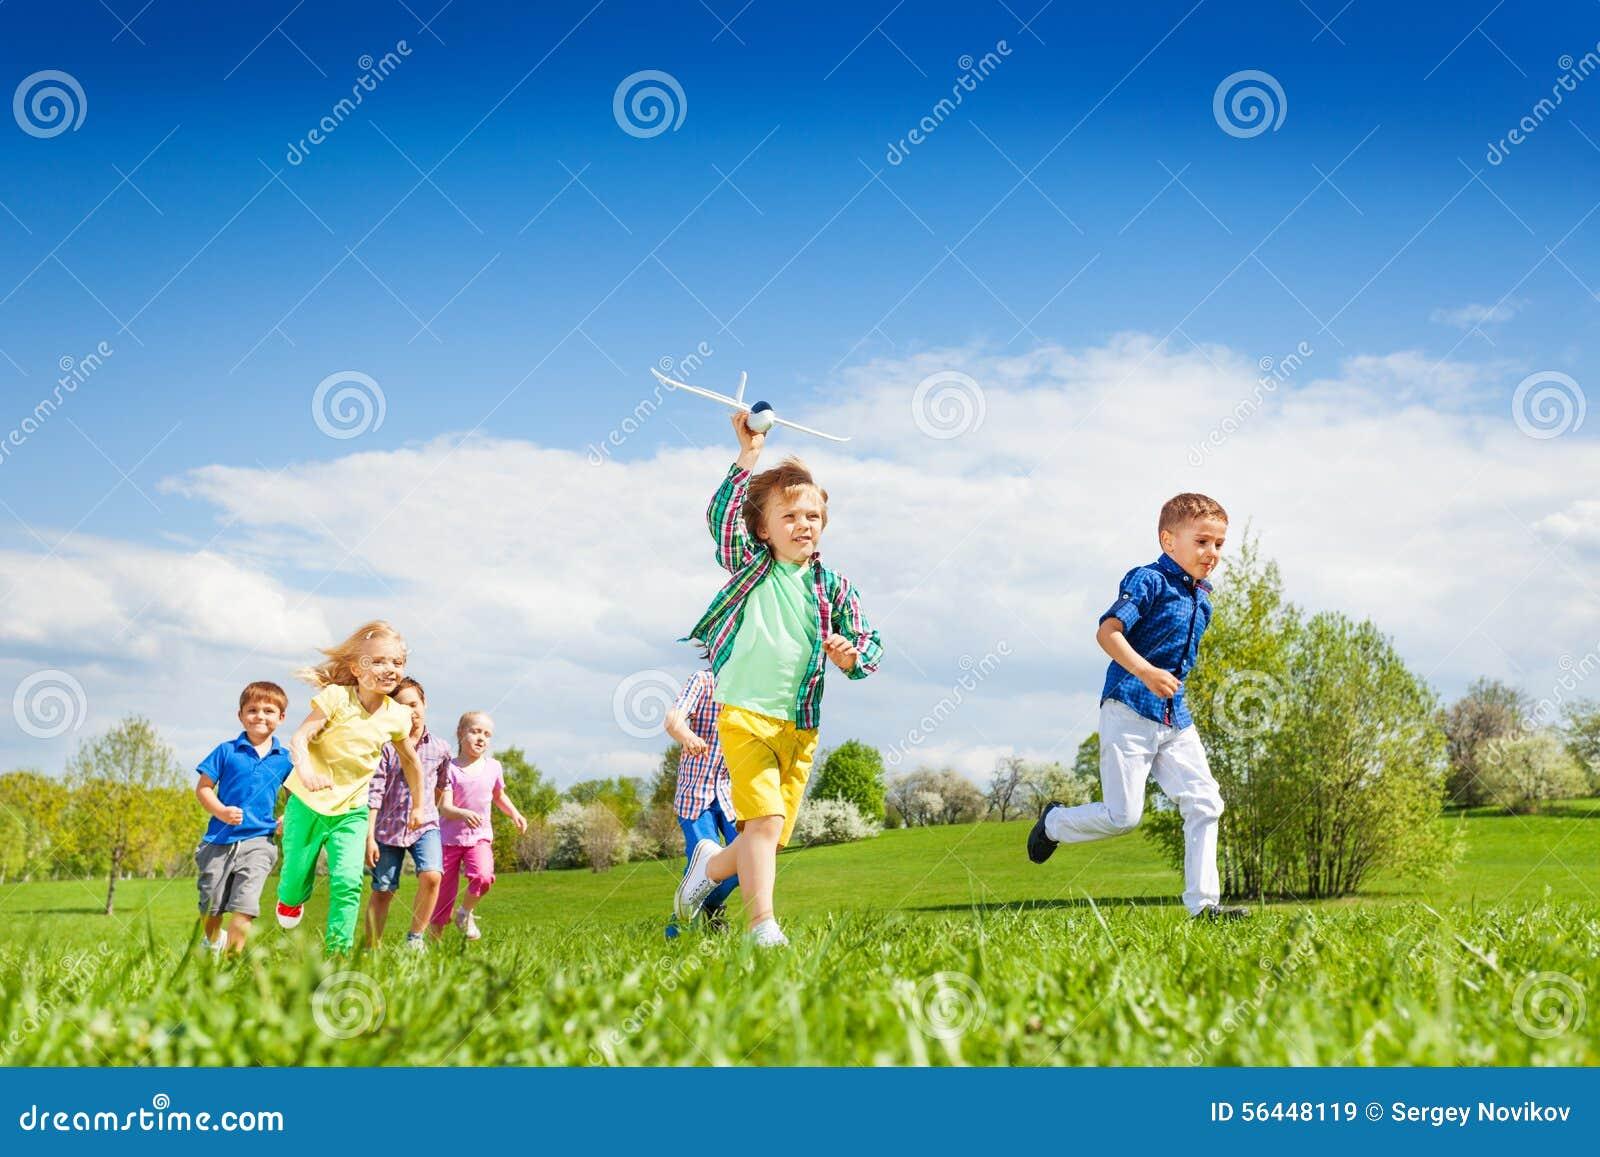 Lopende jongen met vliegtuigstuk speelgoed en andere kinderen